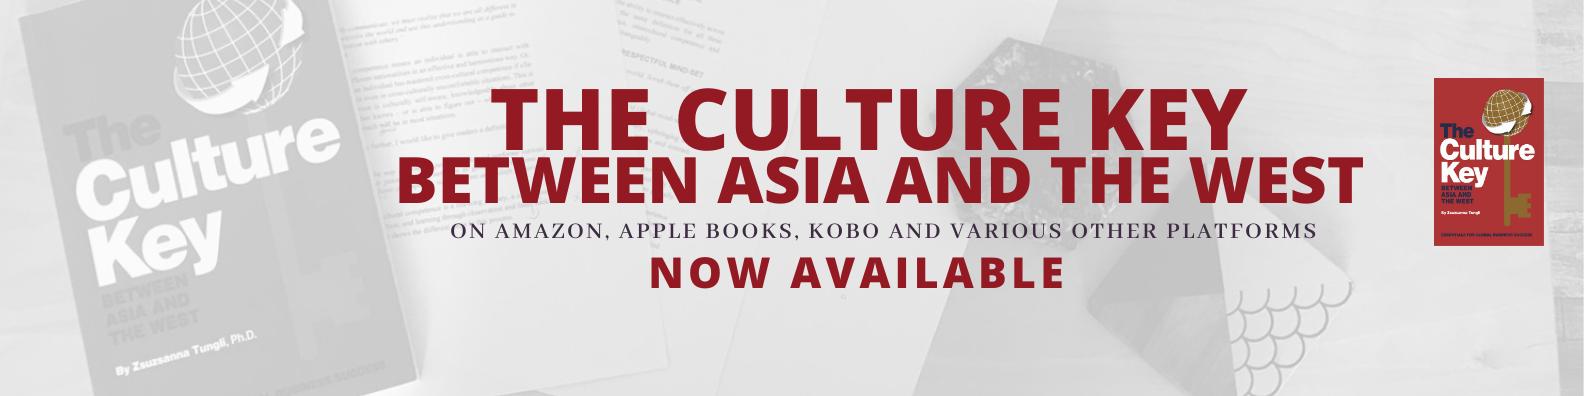 Culture Key_LI Banner